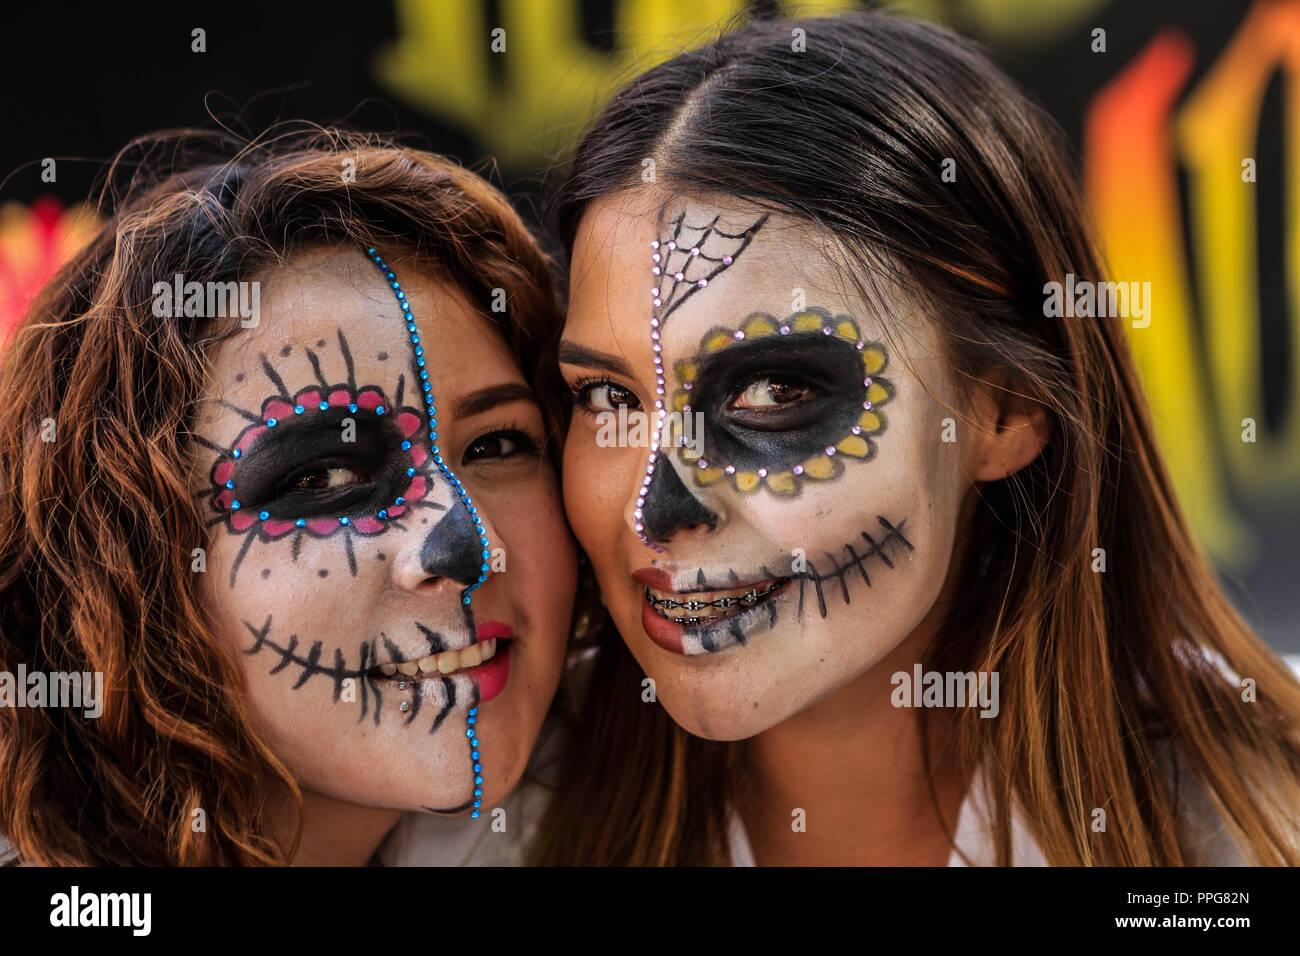 Estudiantes De Preparatoria Con Maquillaje De Catrina En Sus Rostros